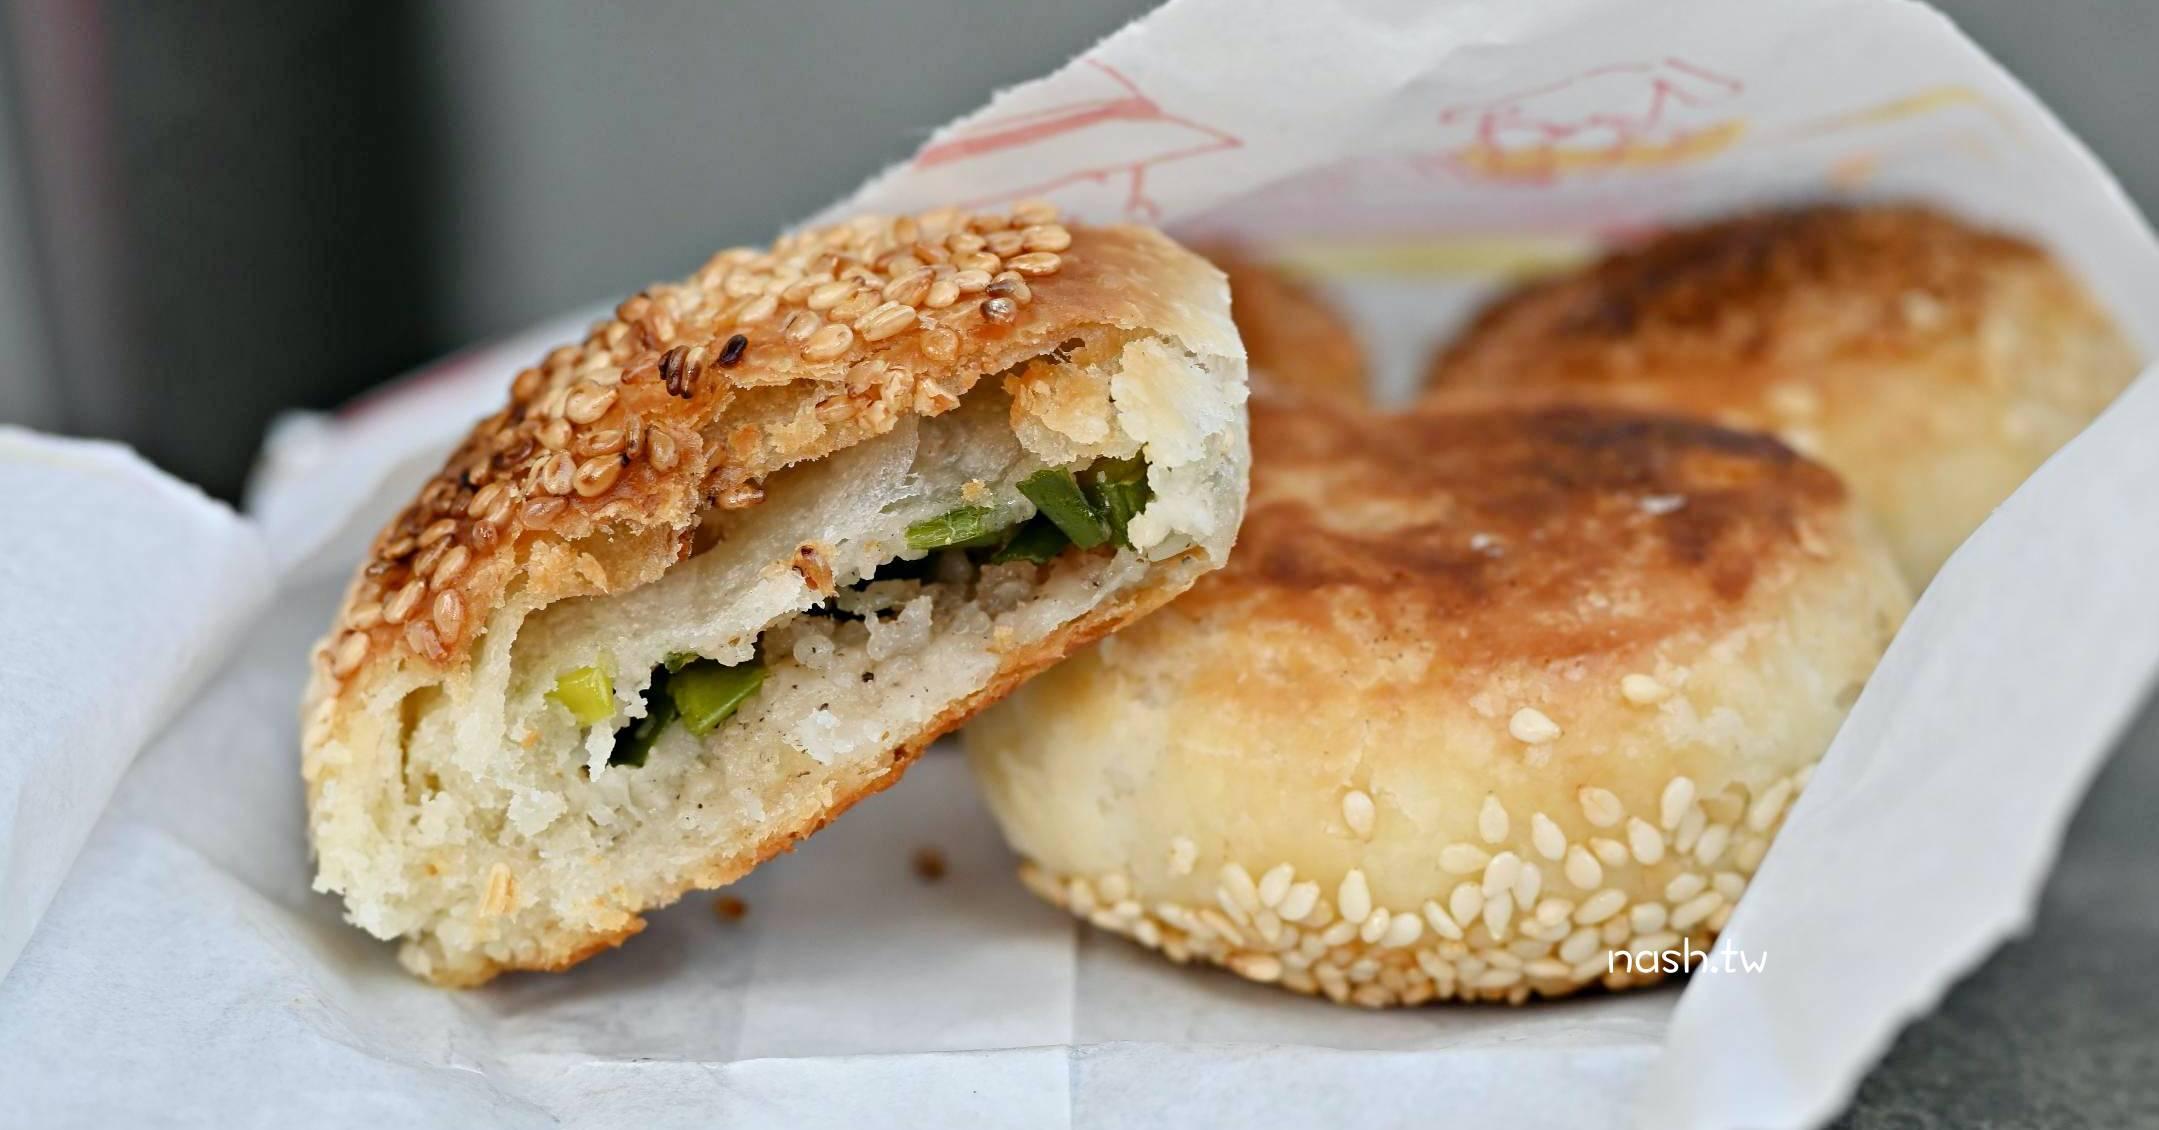 士林燒餅|士林夜市美食推薦-南港老張胡椒餅士林夜市店 (菜單)